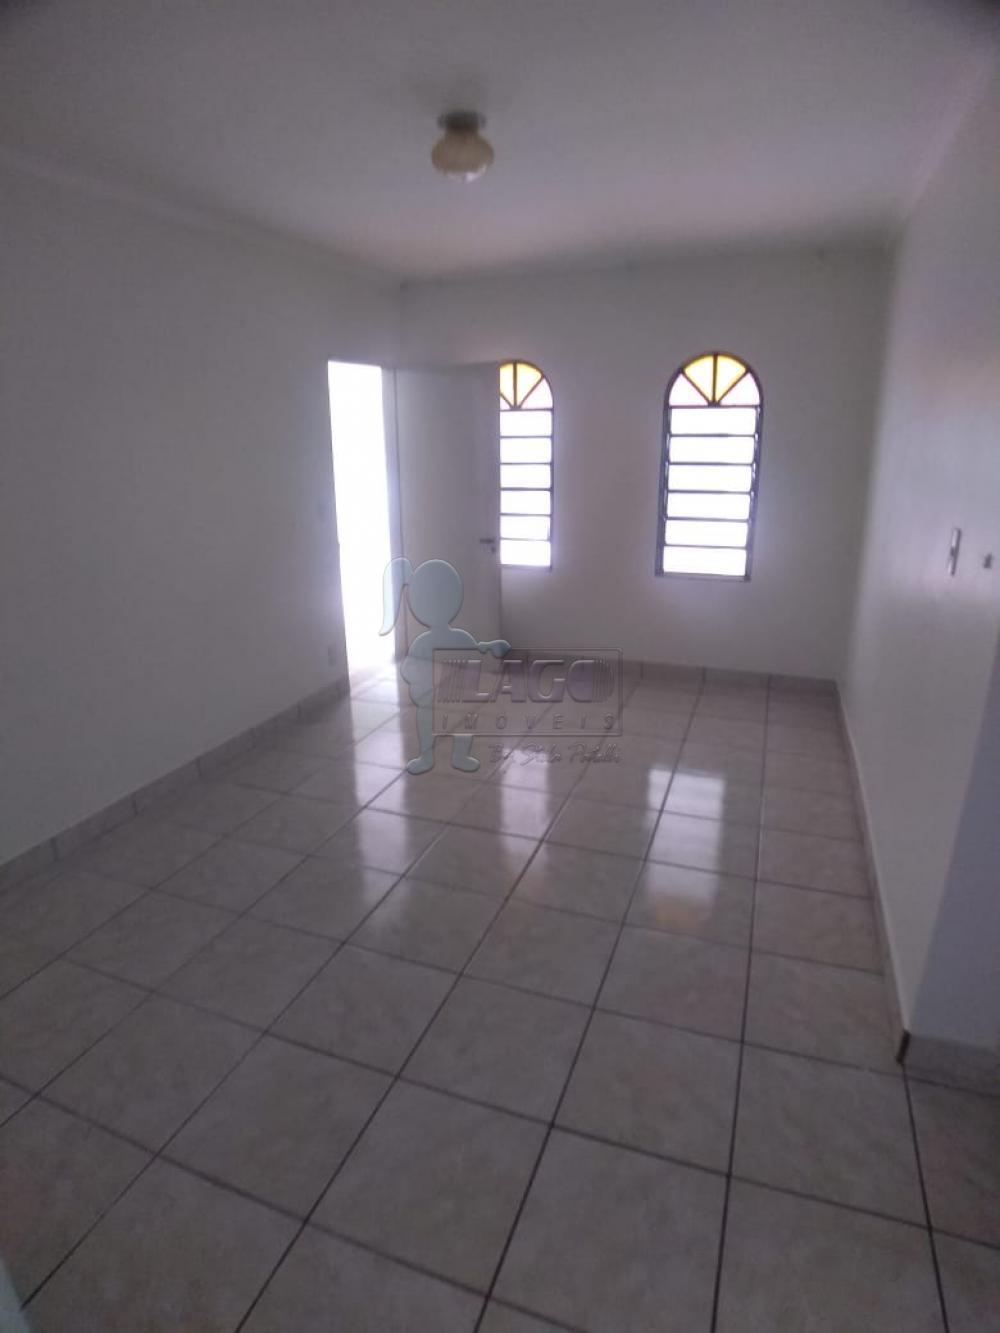 Comprar Casas / Padrão em Ribeirão Preto apenas R$ 335.000,00 - Foto 3